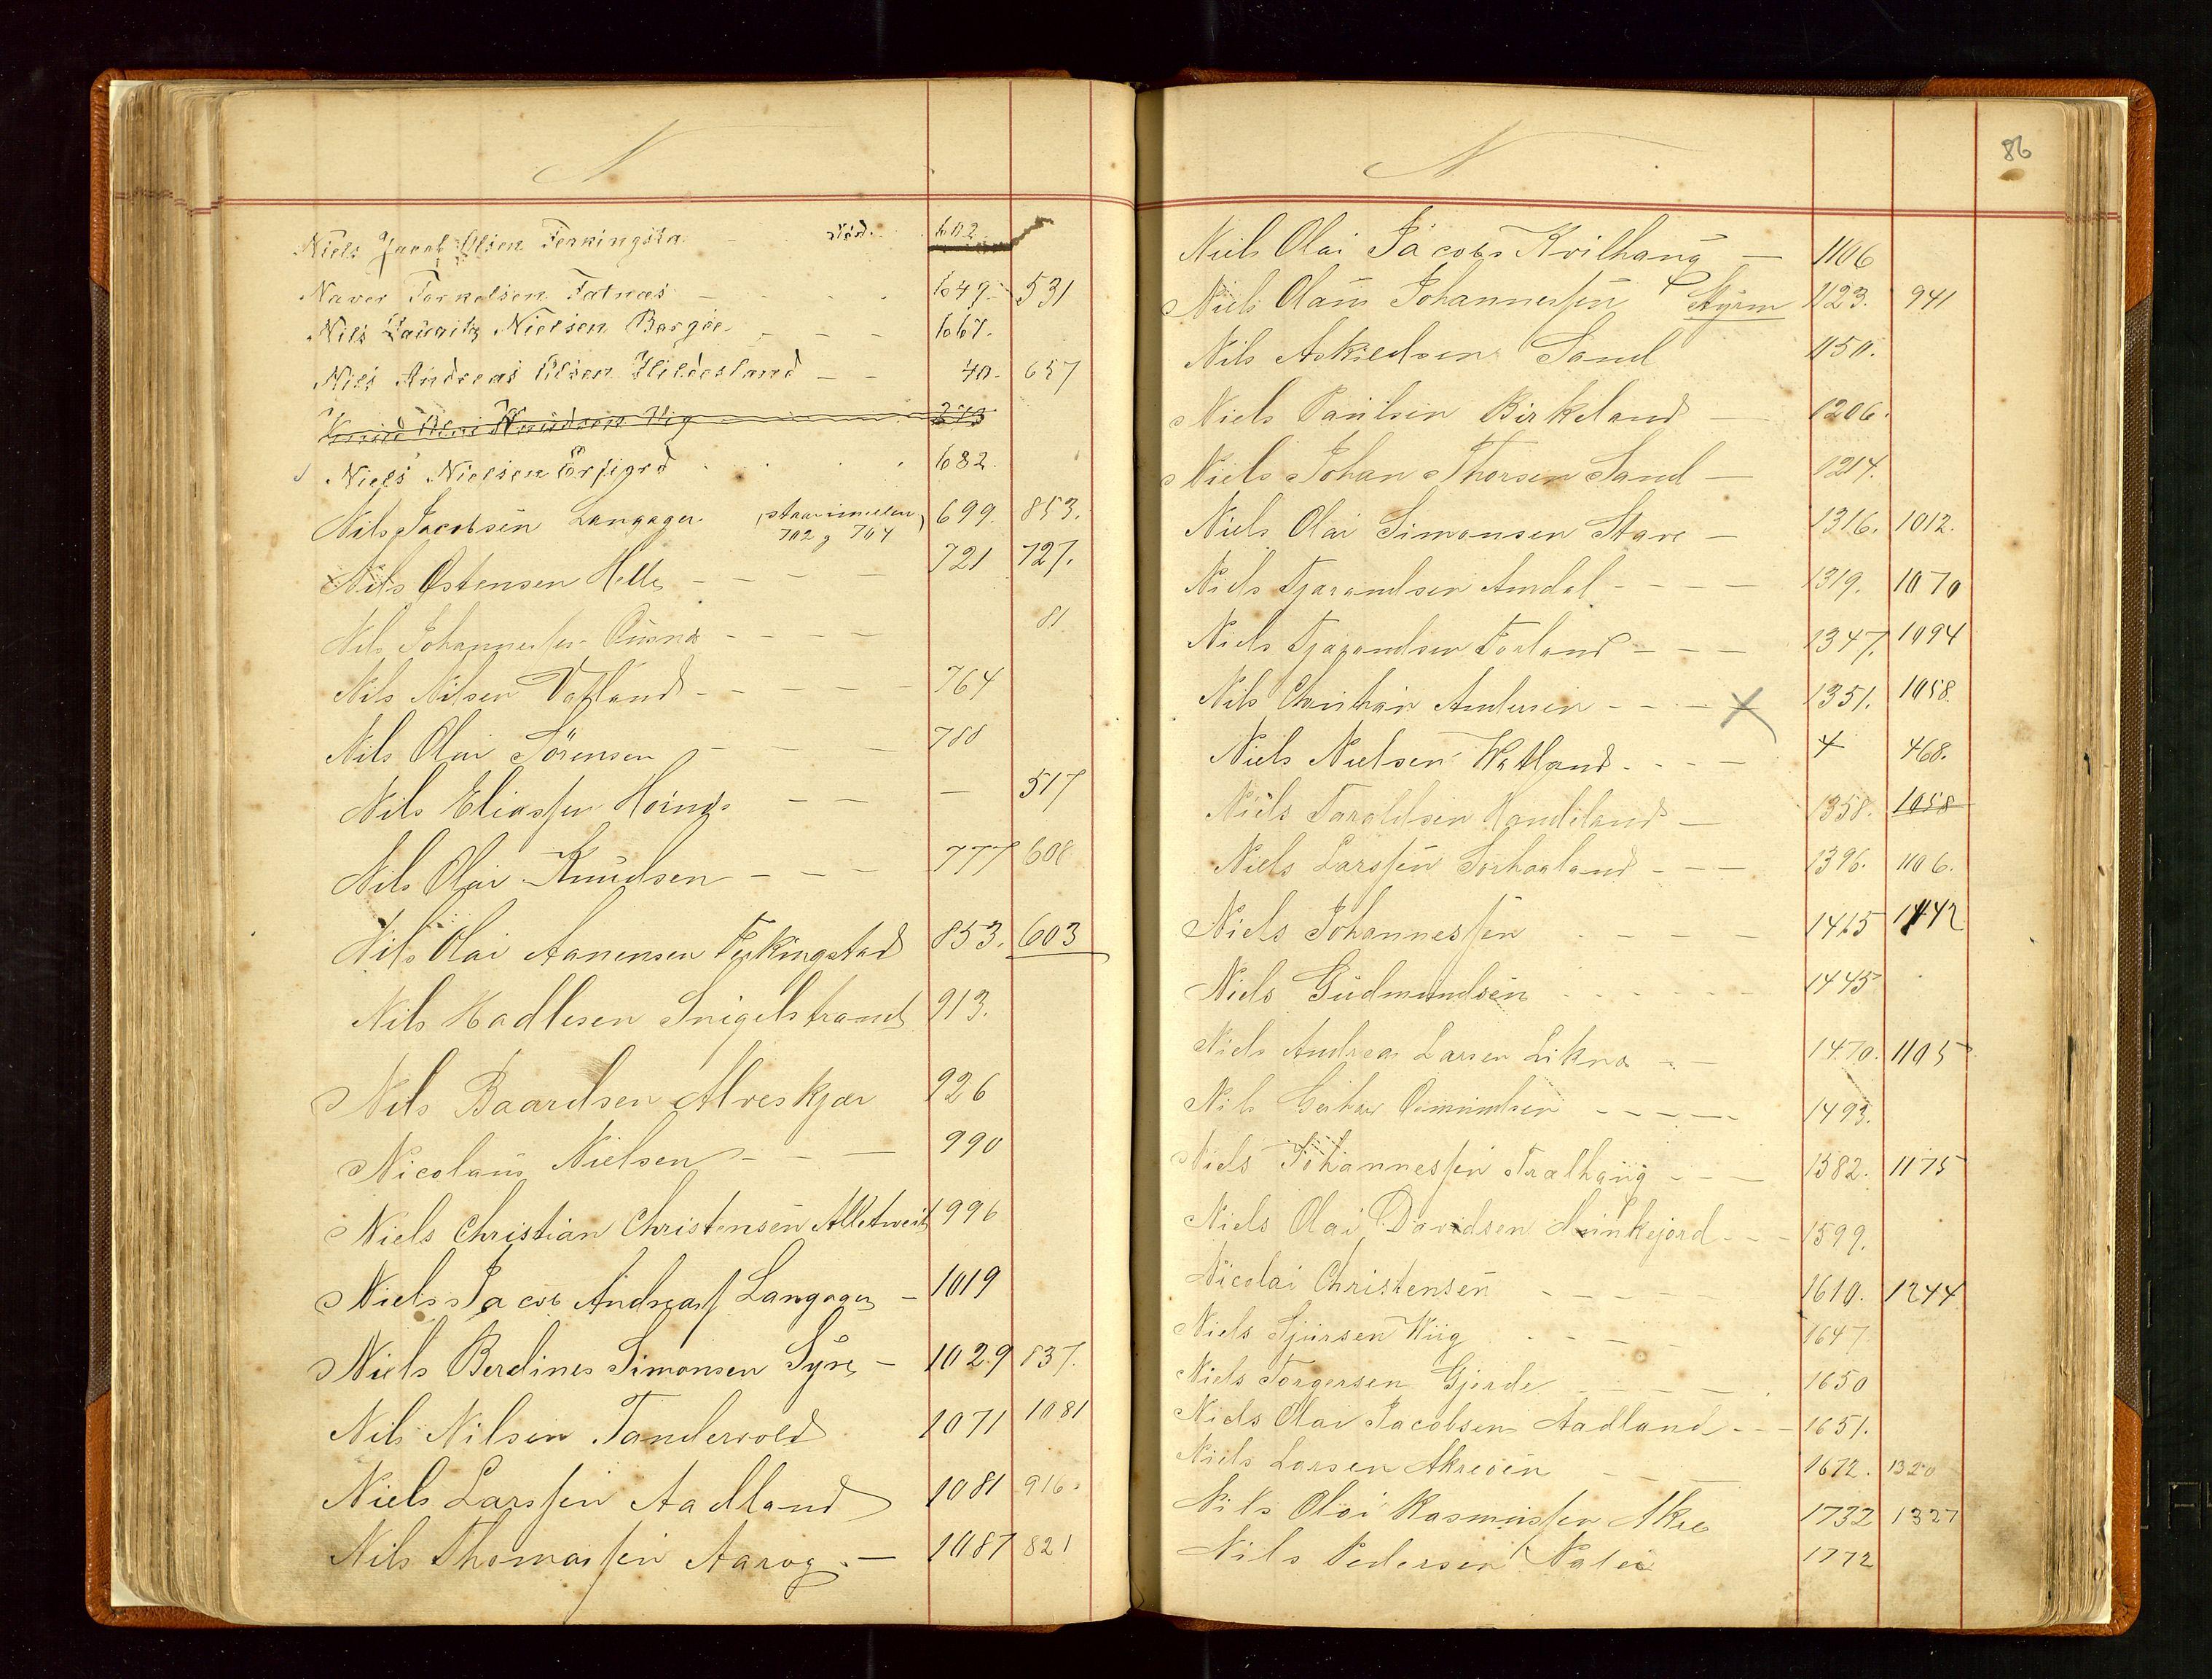 SAST, Haugesund sjømannskontor, F/Fb/Fba/L0003: Navneregister med henvisning til rullenummer (fornavn) Haugesund krets, 1860-1948, s. 86